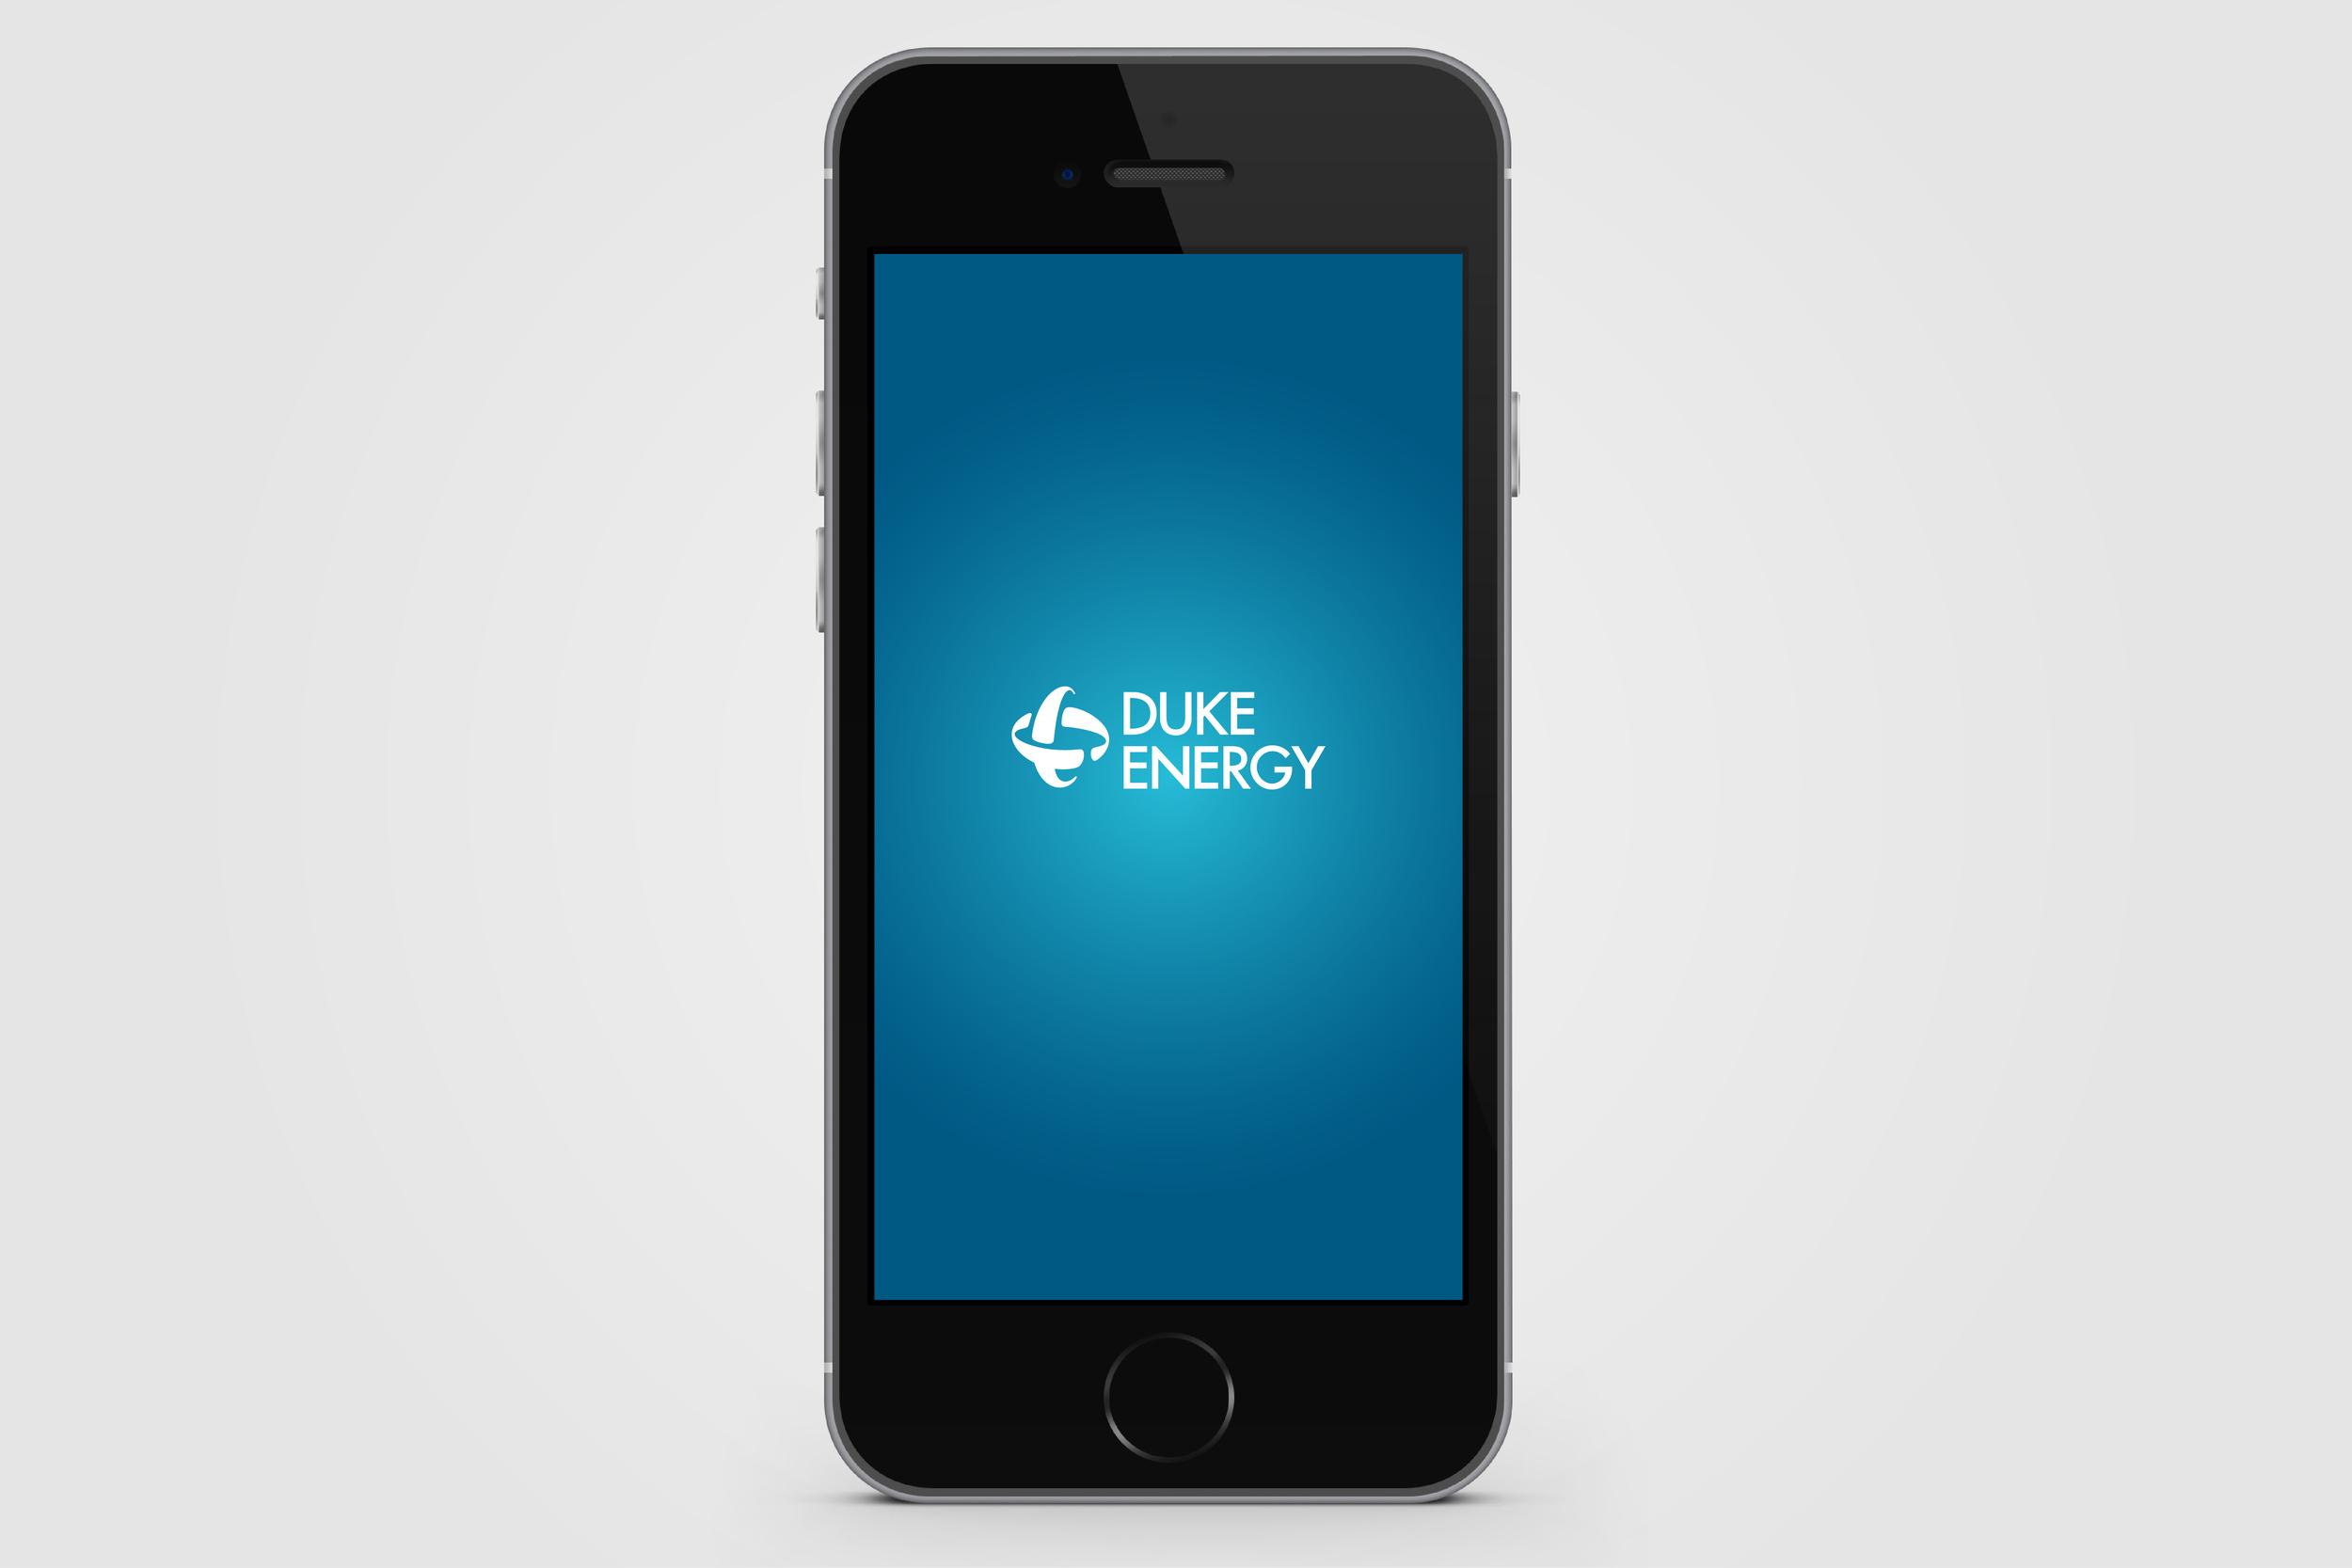 DUKE_Energy_MobileApp_iOS-01.jpg